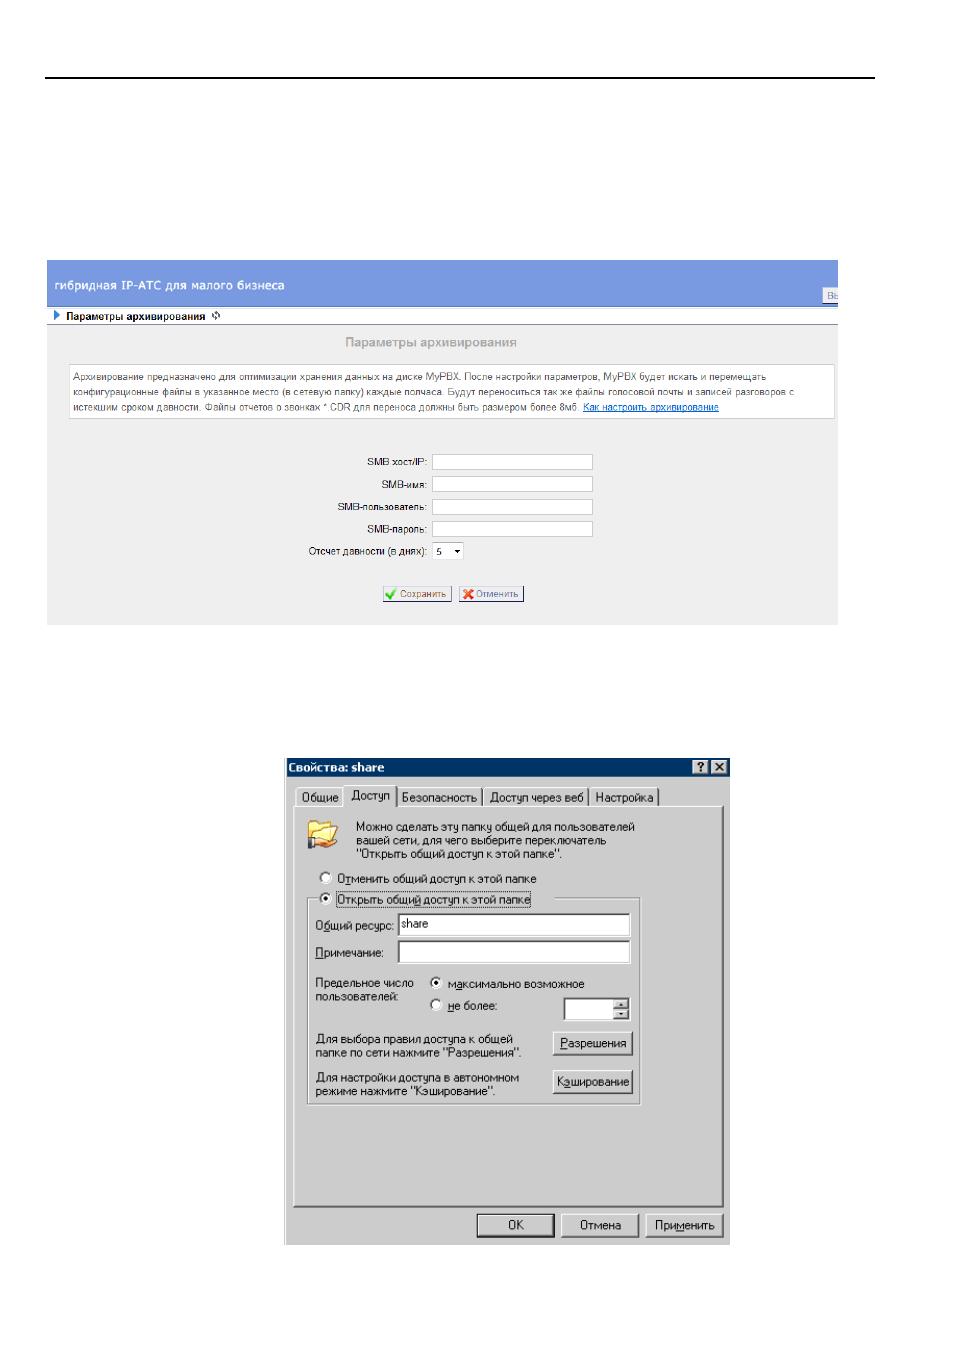 Настройка доступа к папкам для разных пользователей ПК